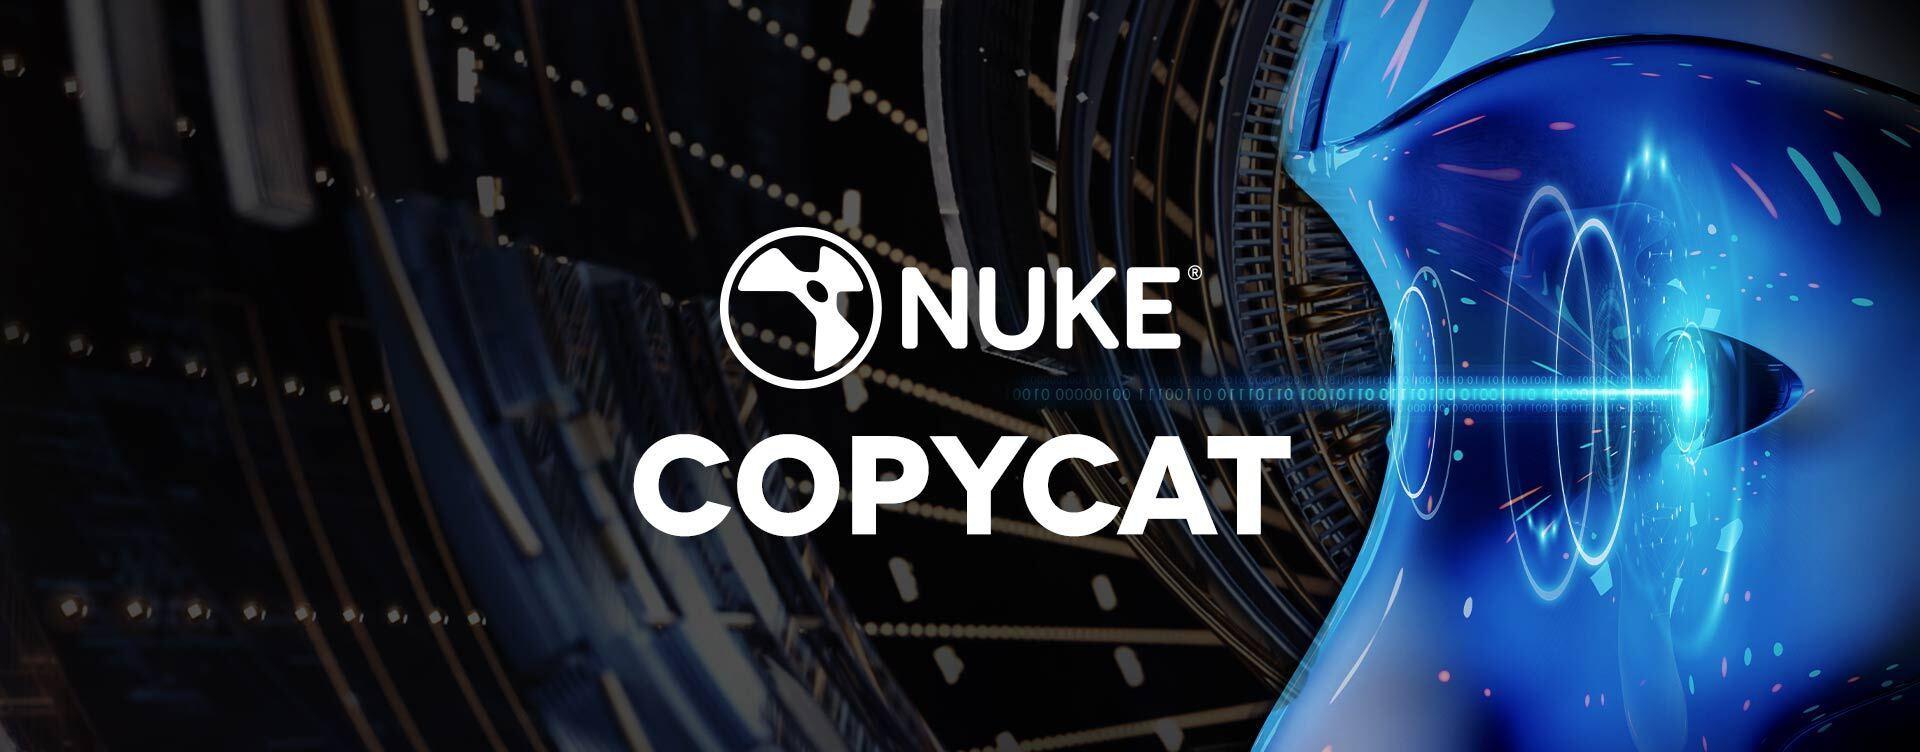 CopyCat header